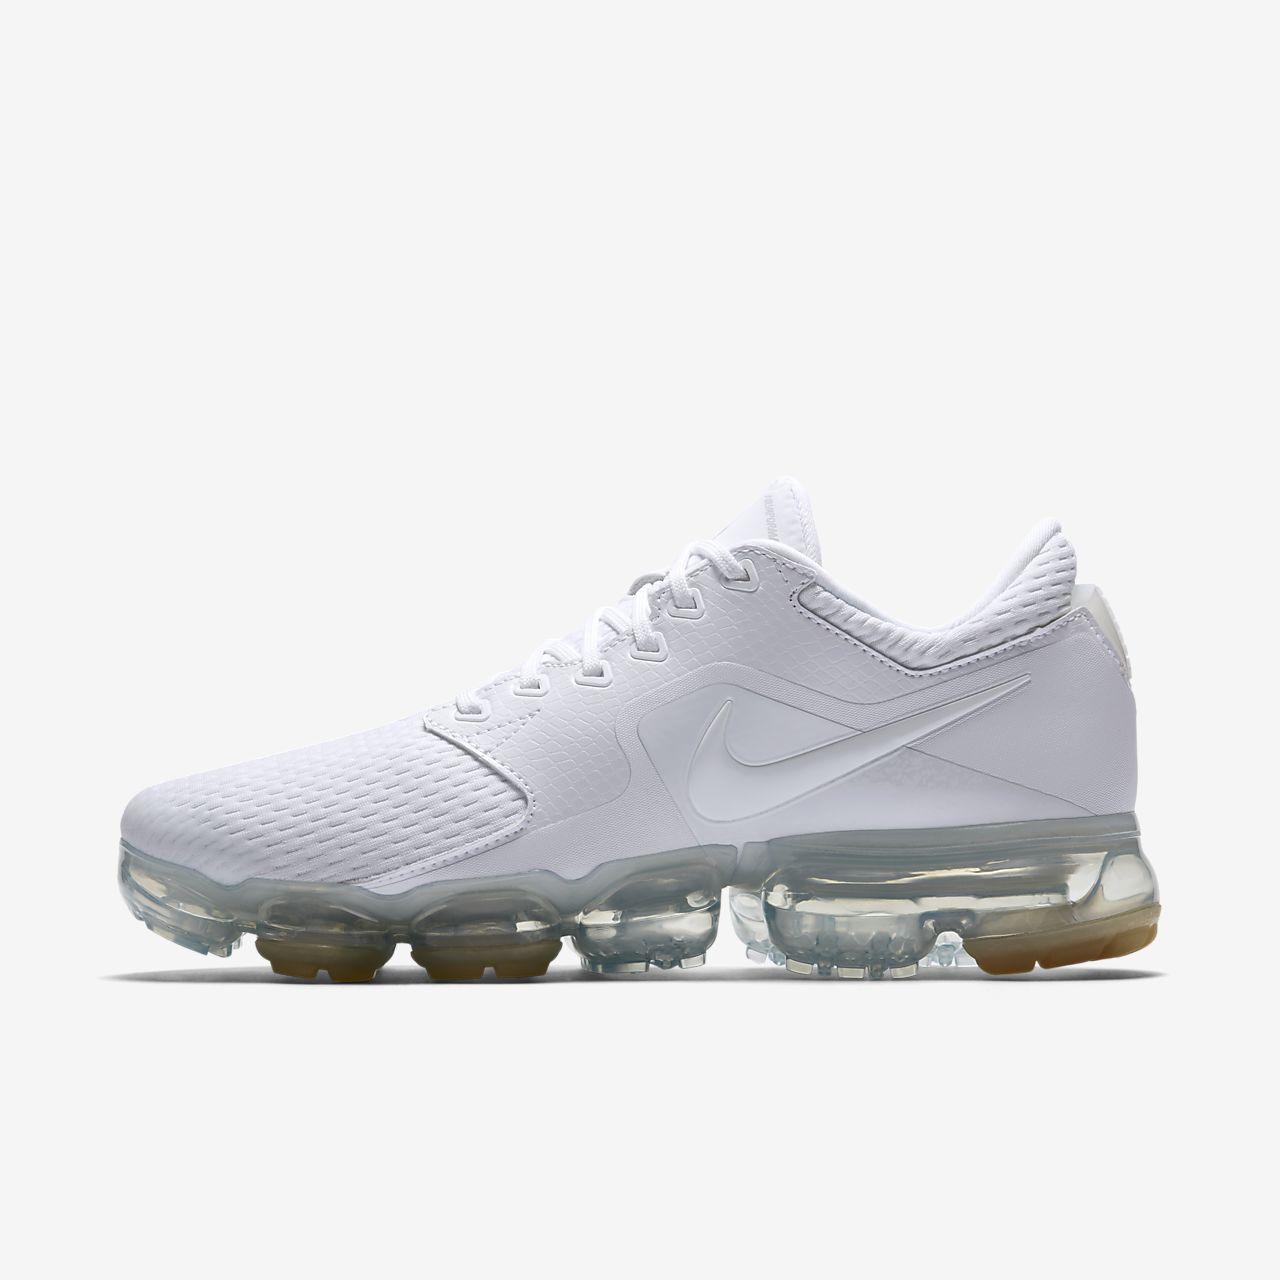 Nike Air Vapormax - Damen Schuhe Blue Größe 40.5 0TfsurtlF